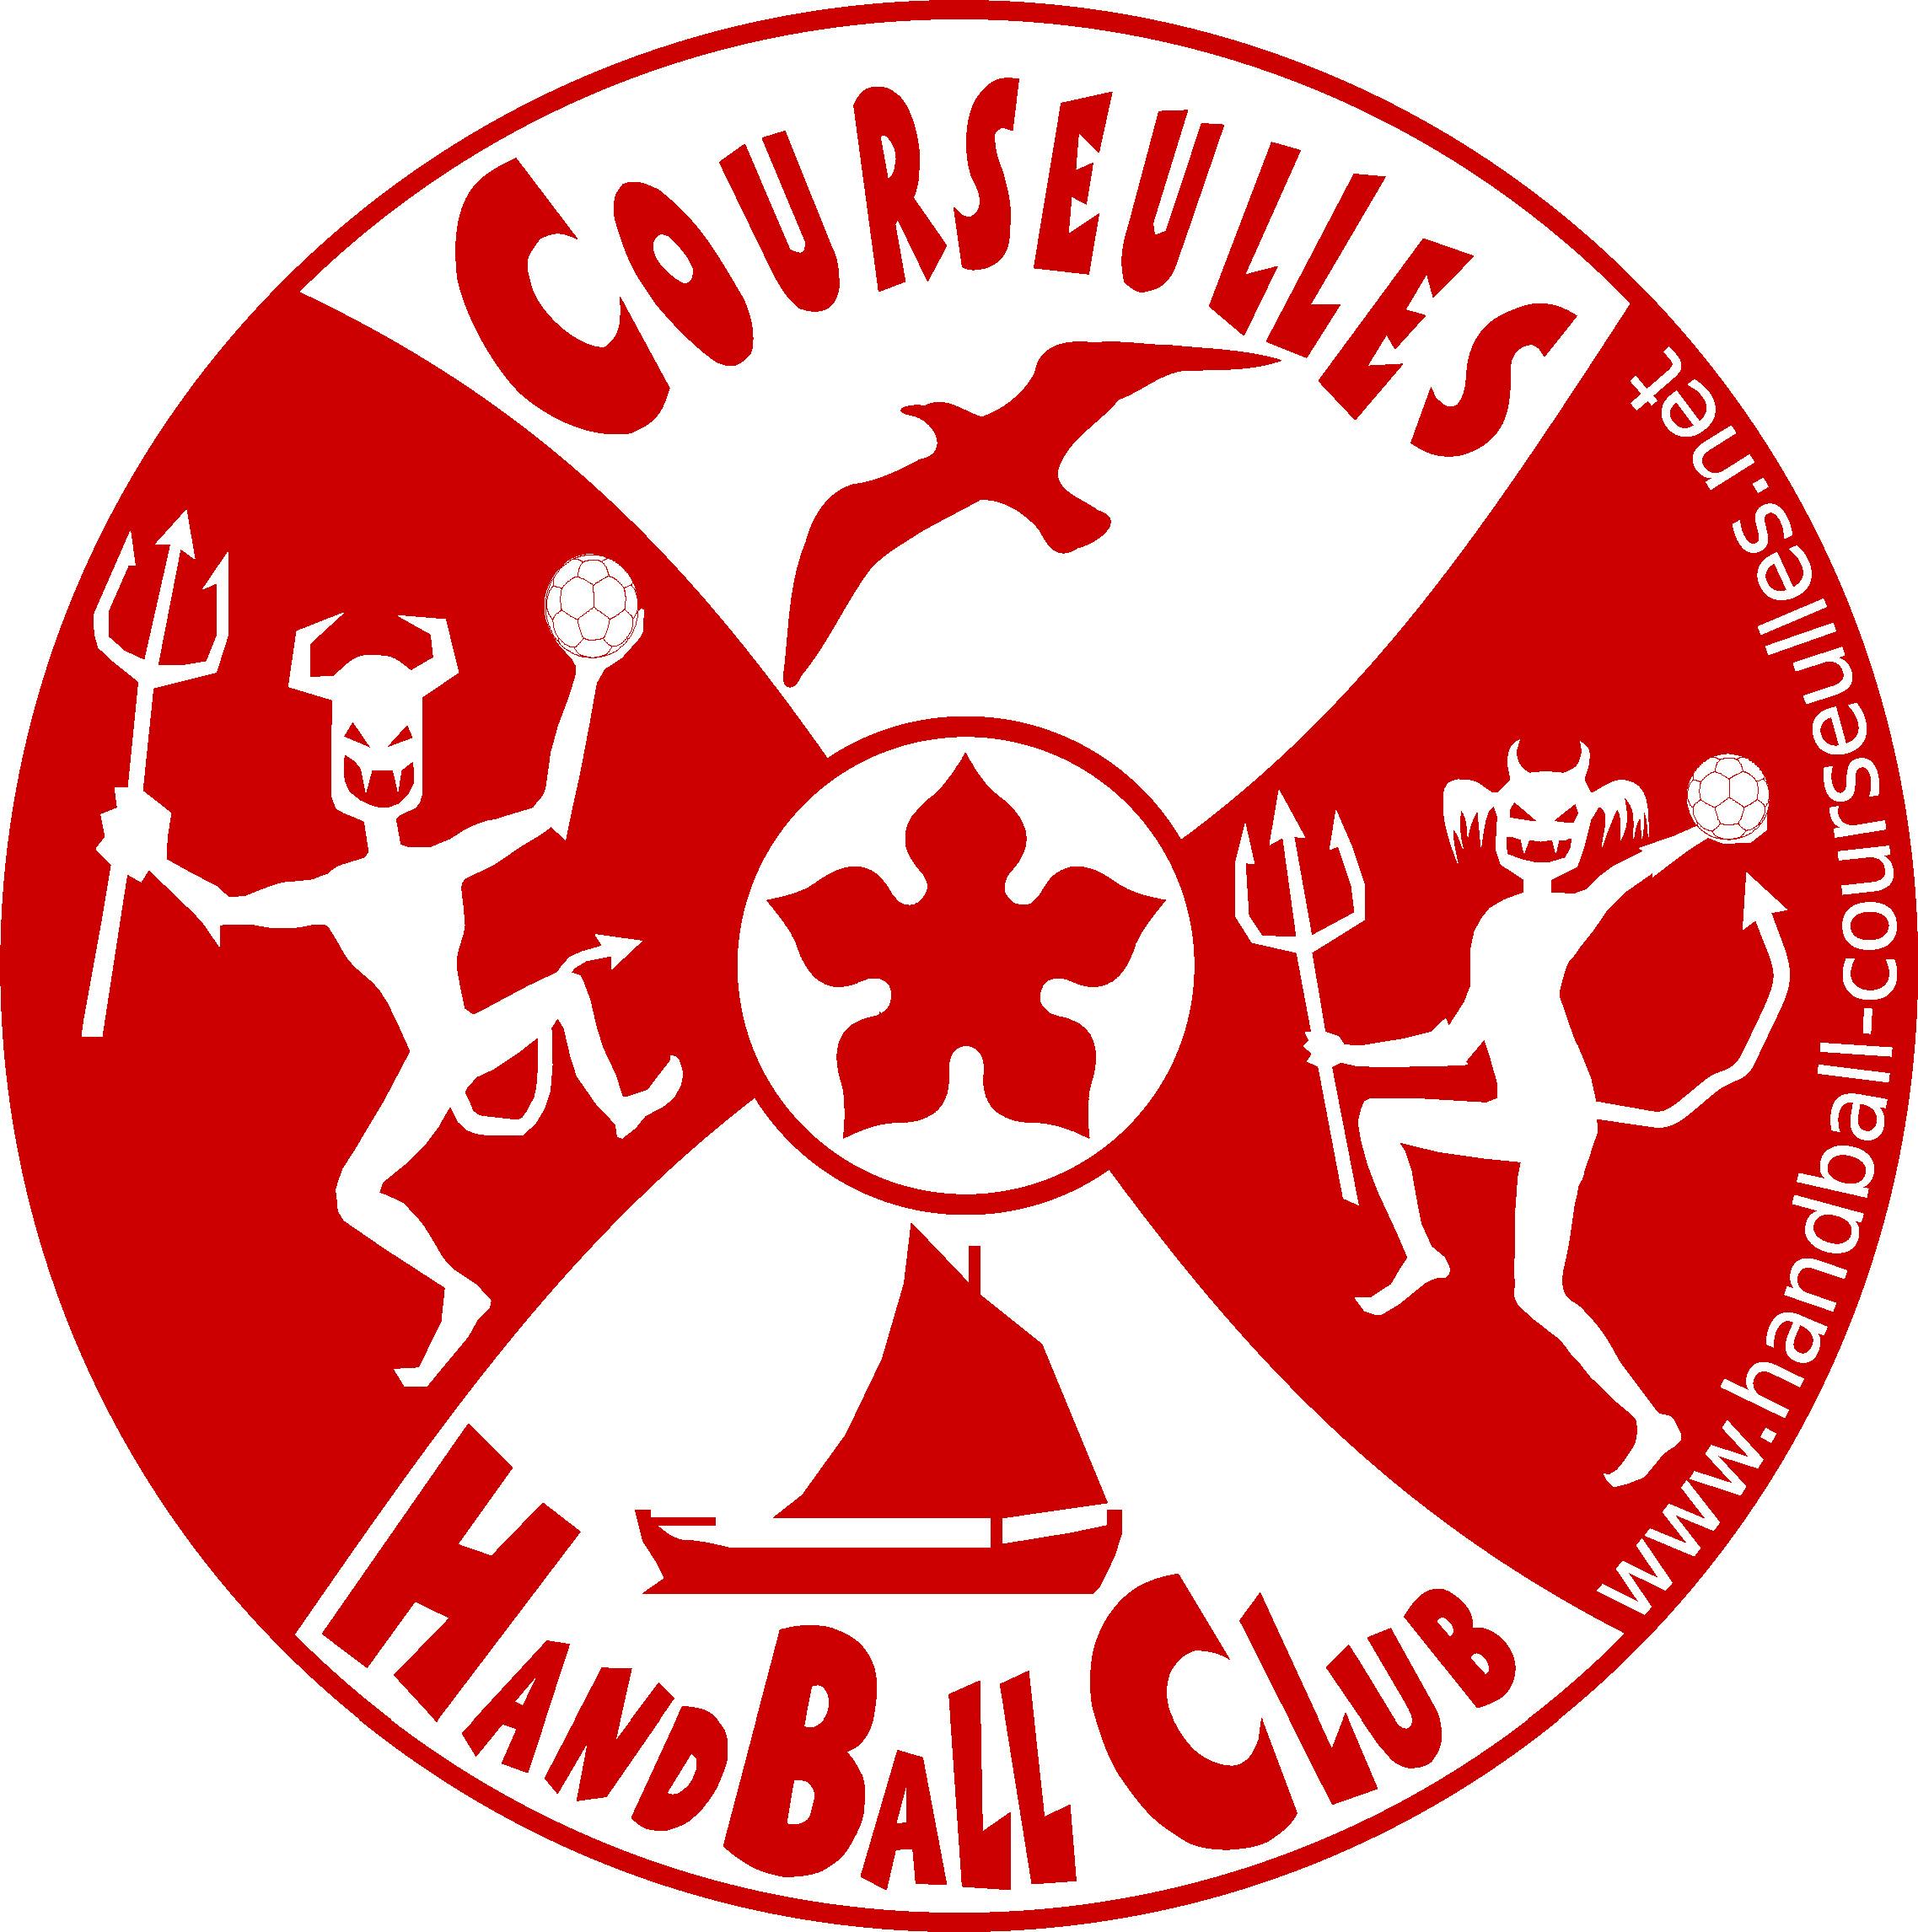 Logo Courseulles HandBall Club